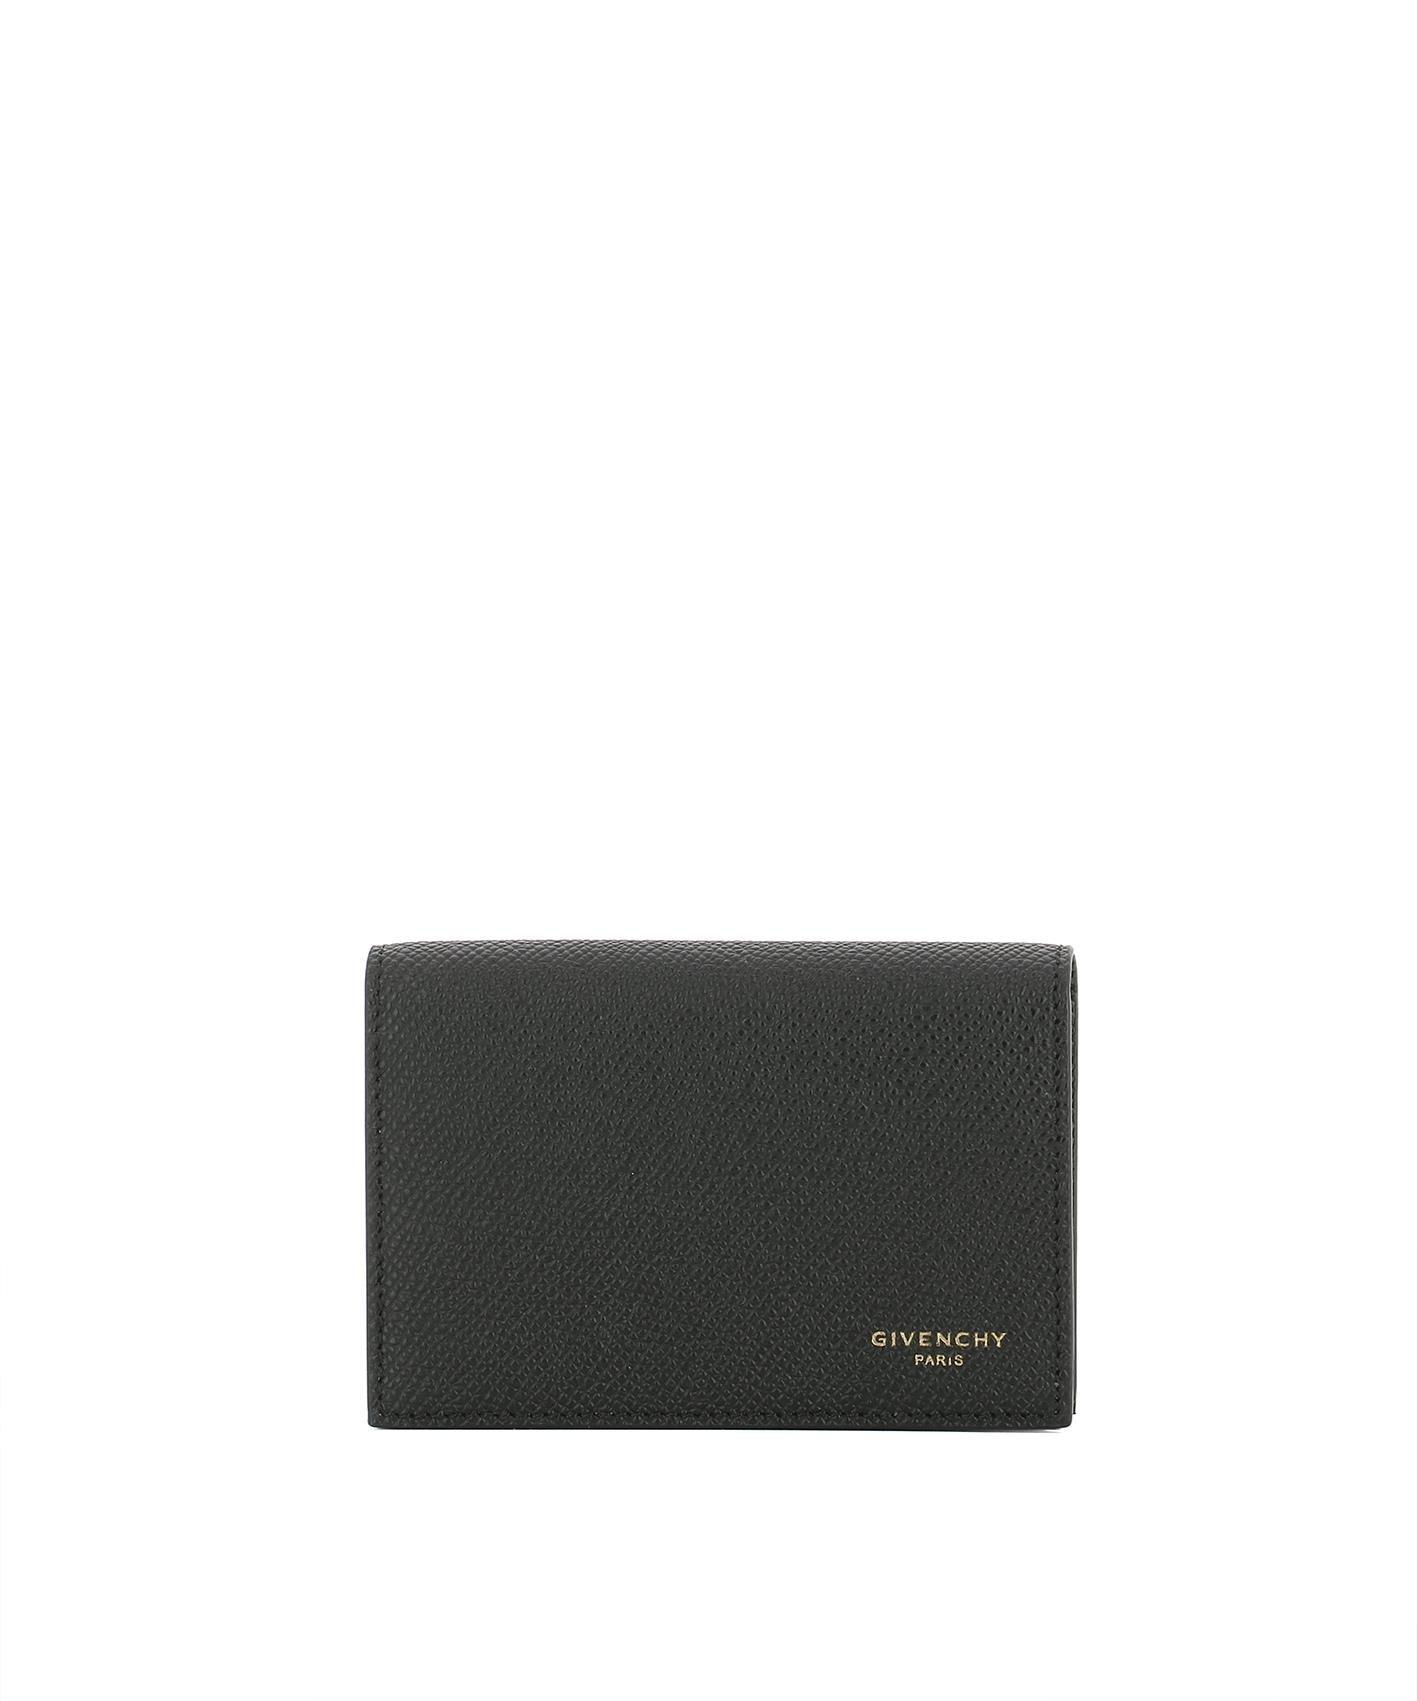 Givenchy Men's Bk06018121001 Black Leather Wallet